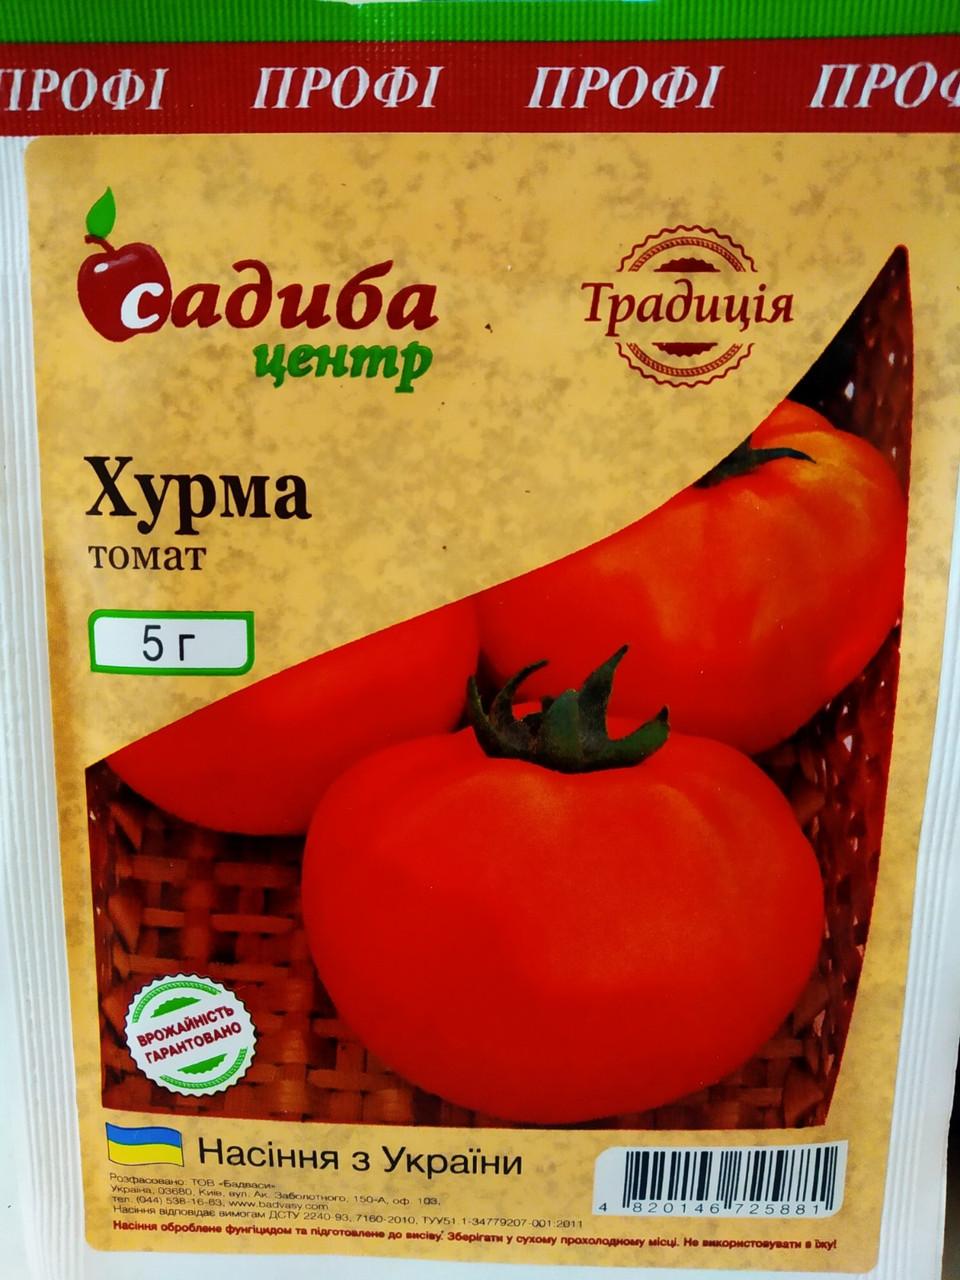 Насіння томату Хурма жовтий середньоранній, 5 грам, Україна